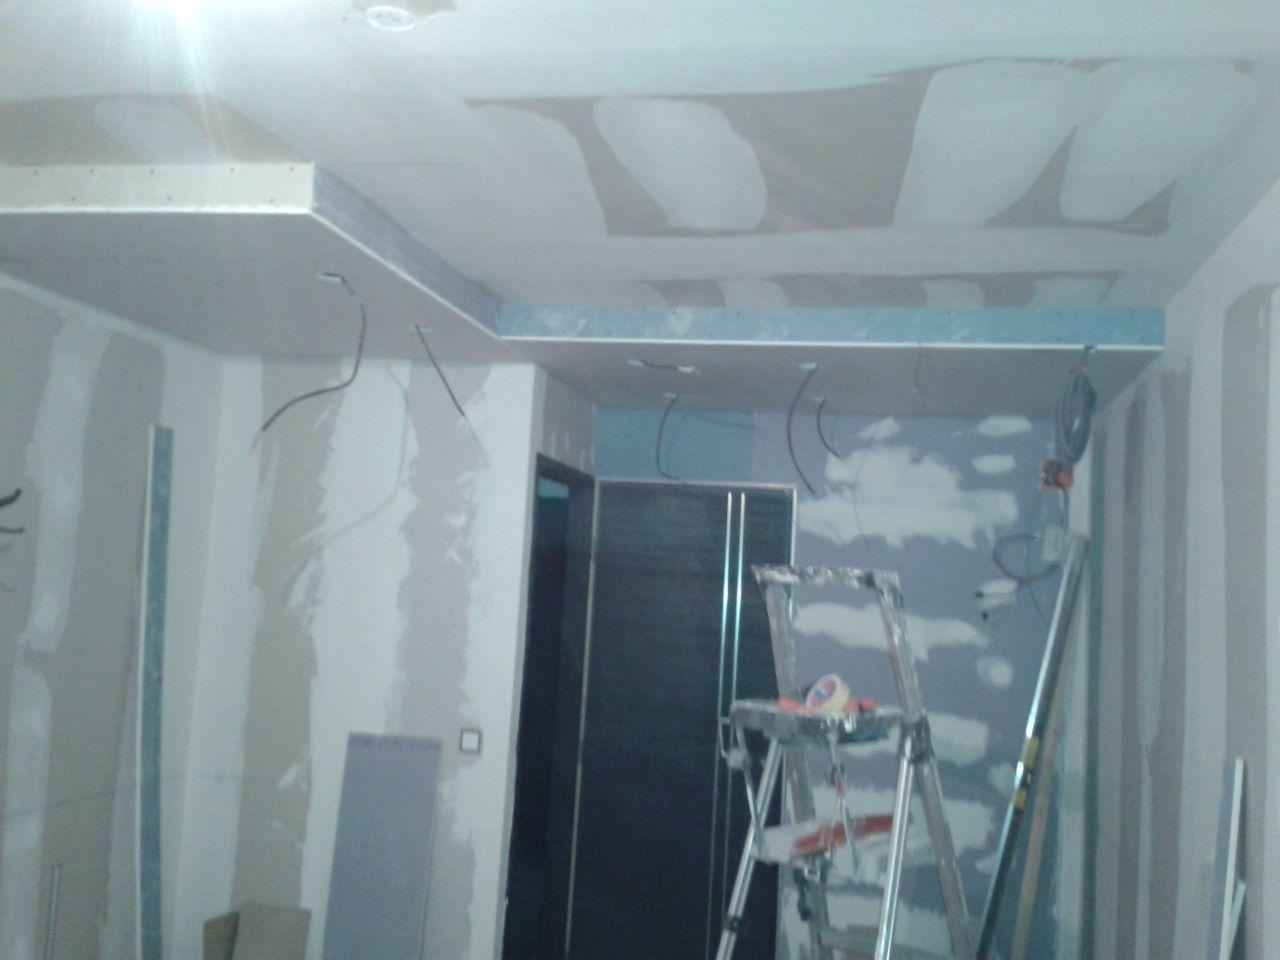 pose du plafond surbaissé pour encastrer les spots